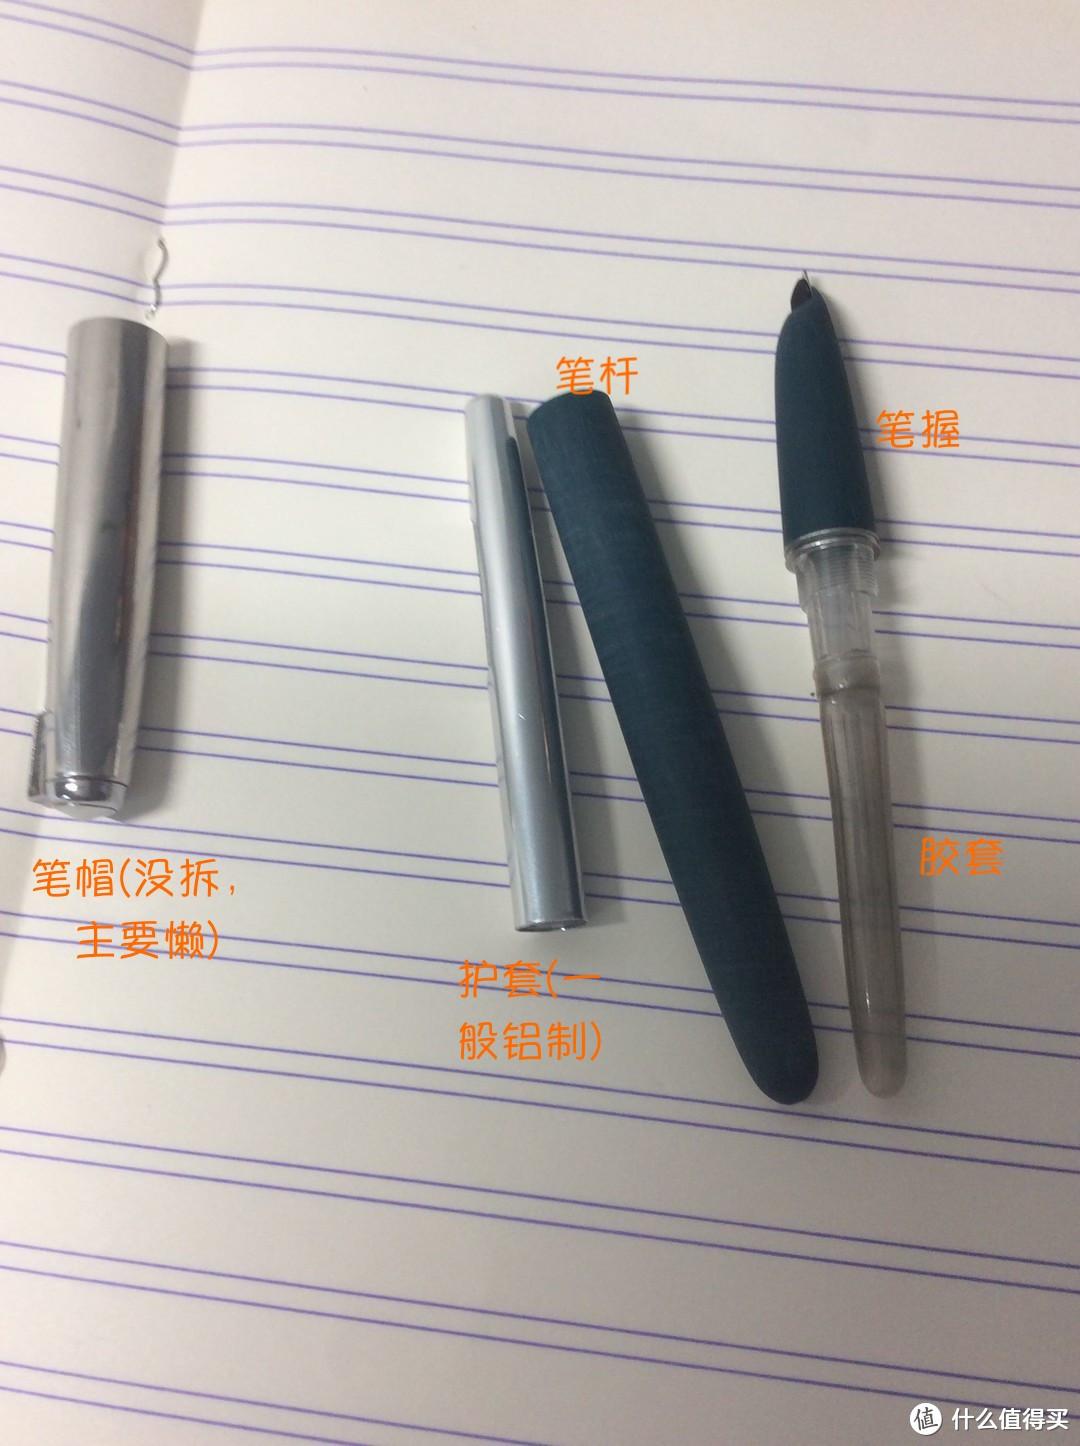 钢笔的结构原理及发明历程了解一下?